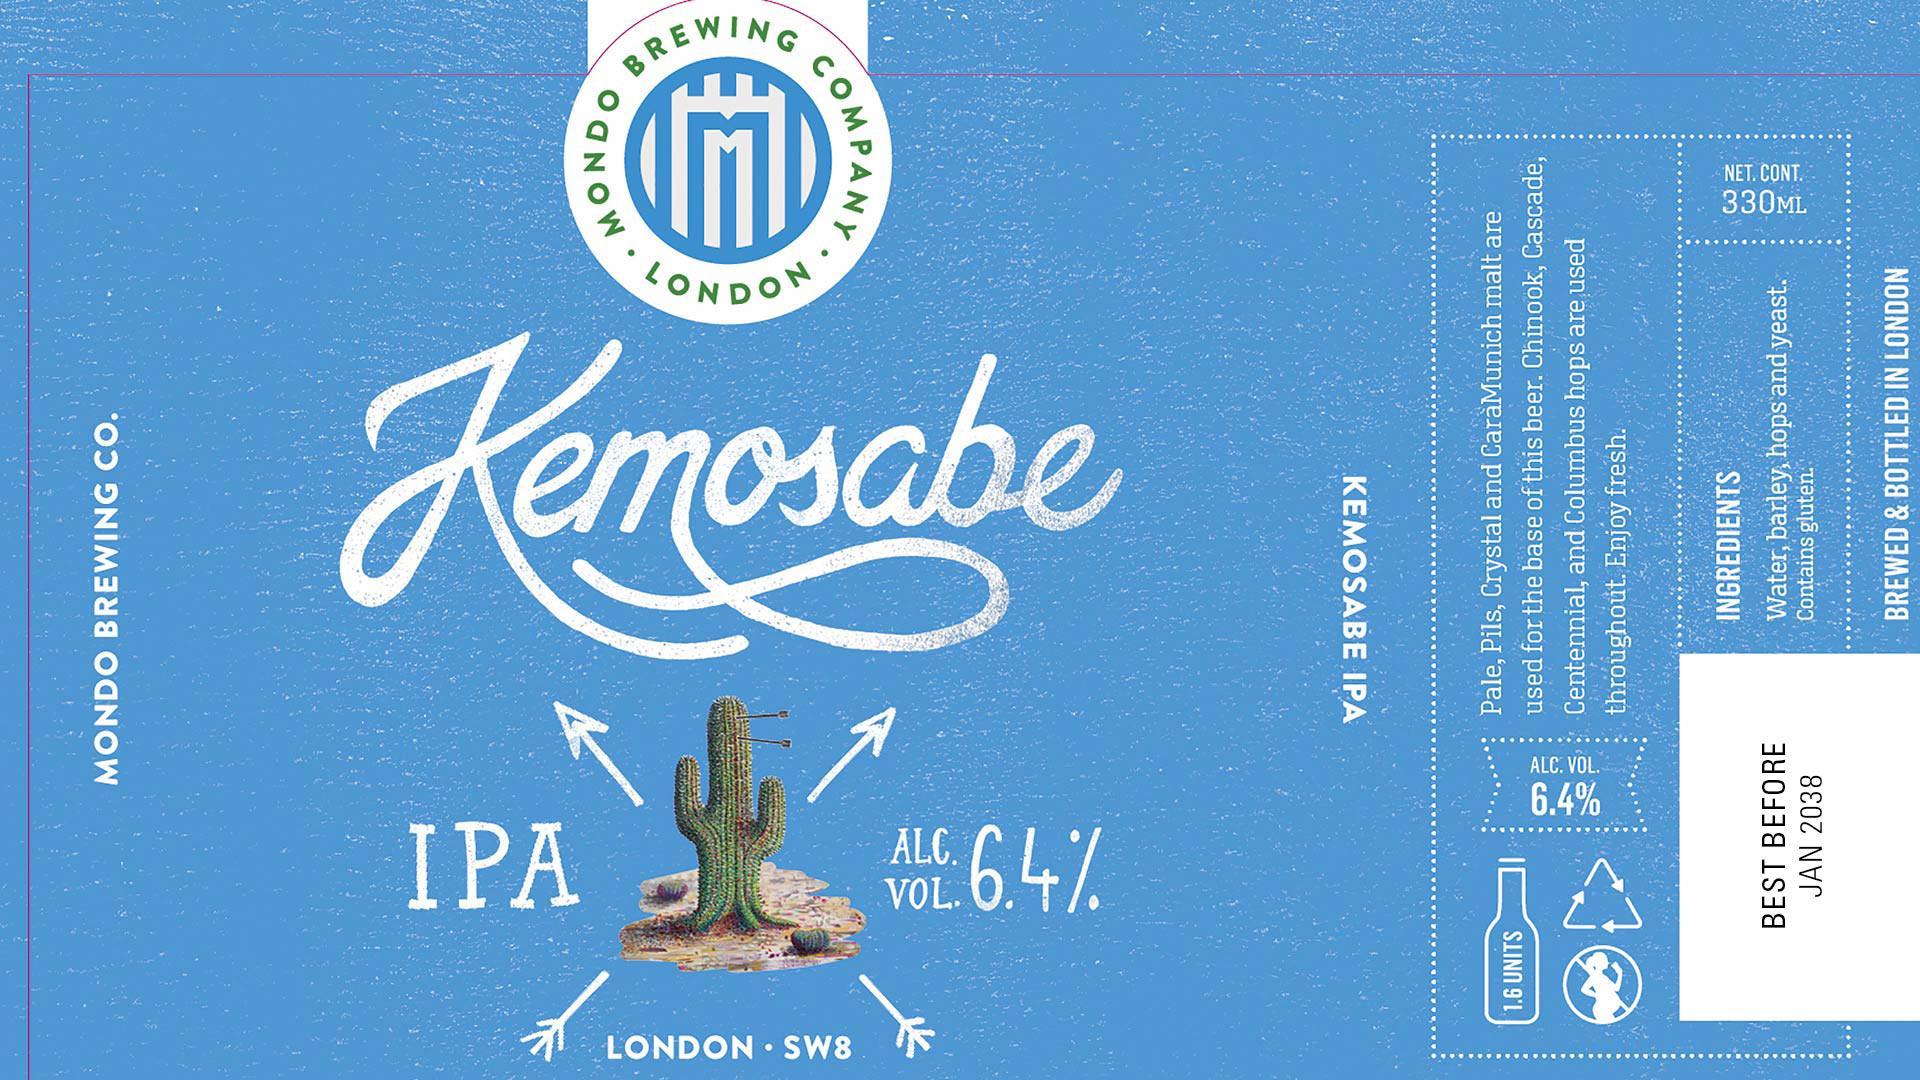 Mondo Brewing's beer bottle labels